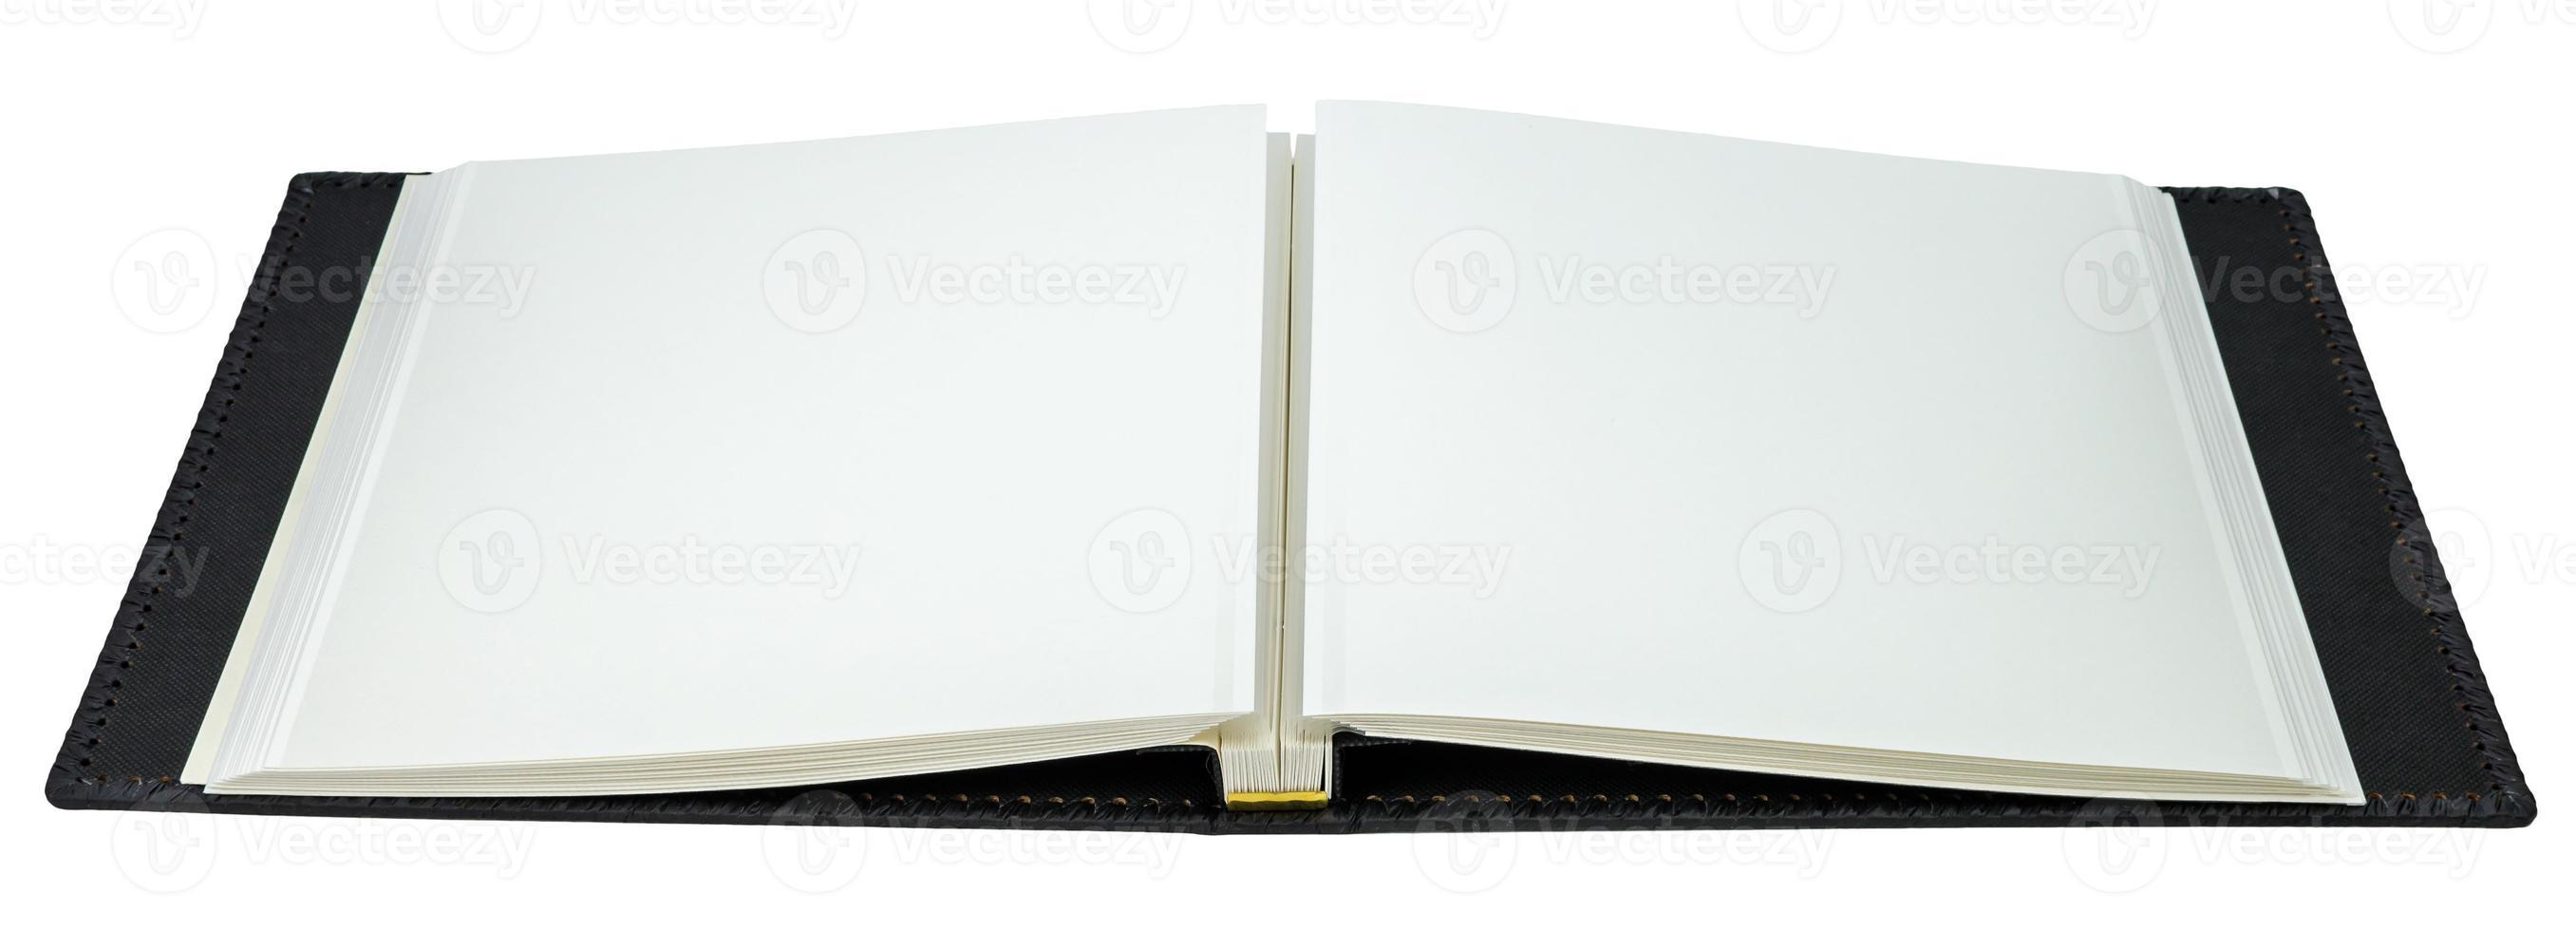 geöffnetes Buch mit leeren Seiten auf weißem Hintergrund foto